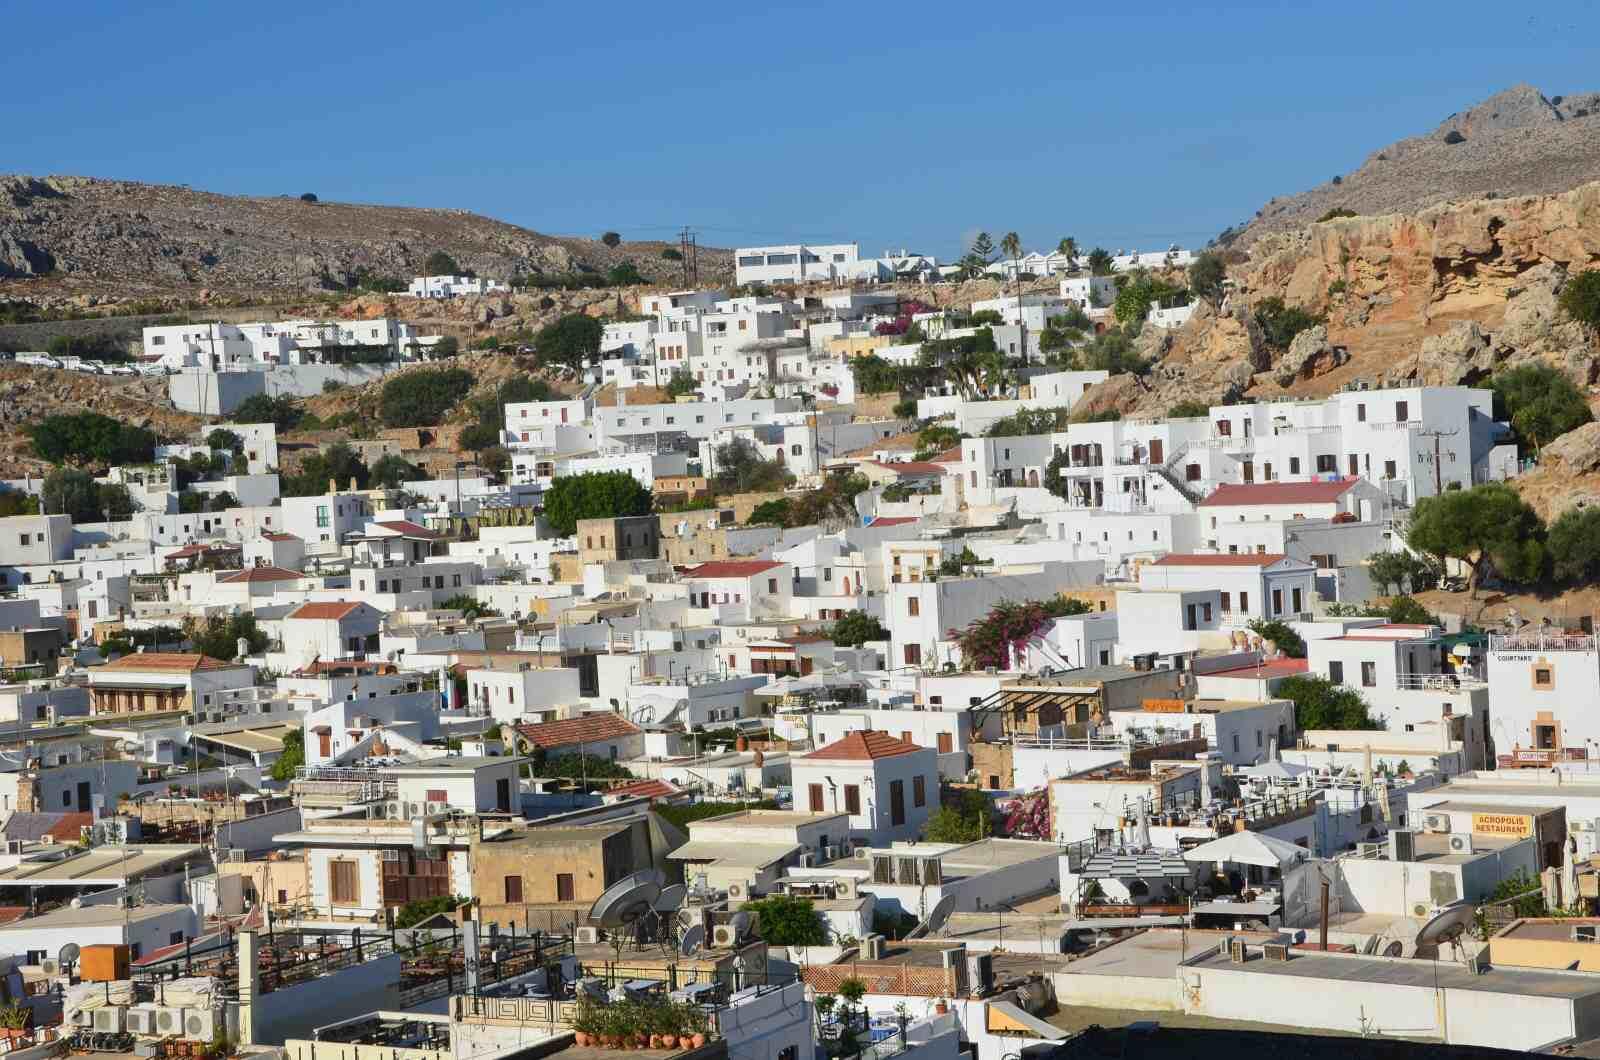 Foto 4: Pohled na městečko Lindos, Řecko, Rhodos